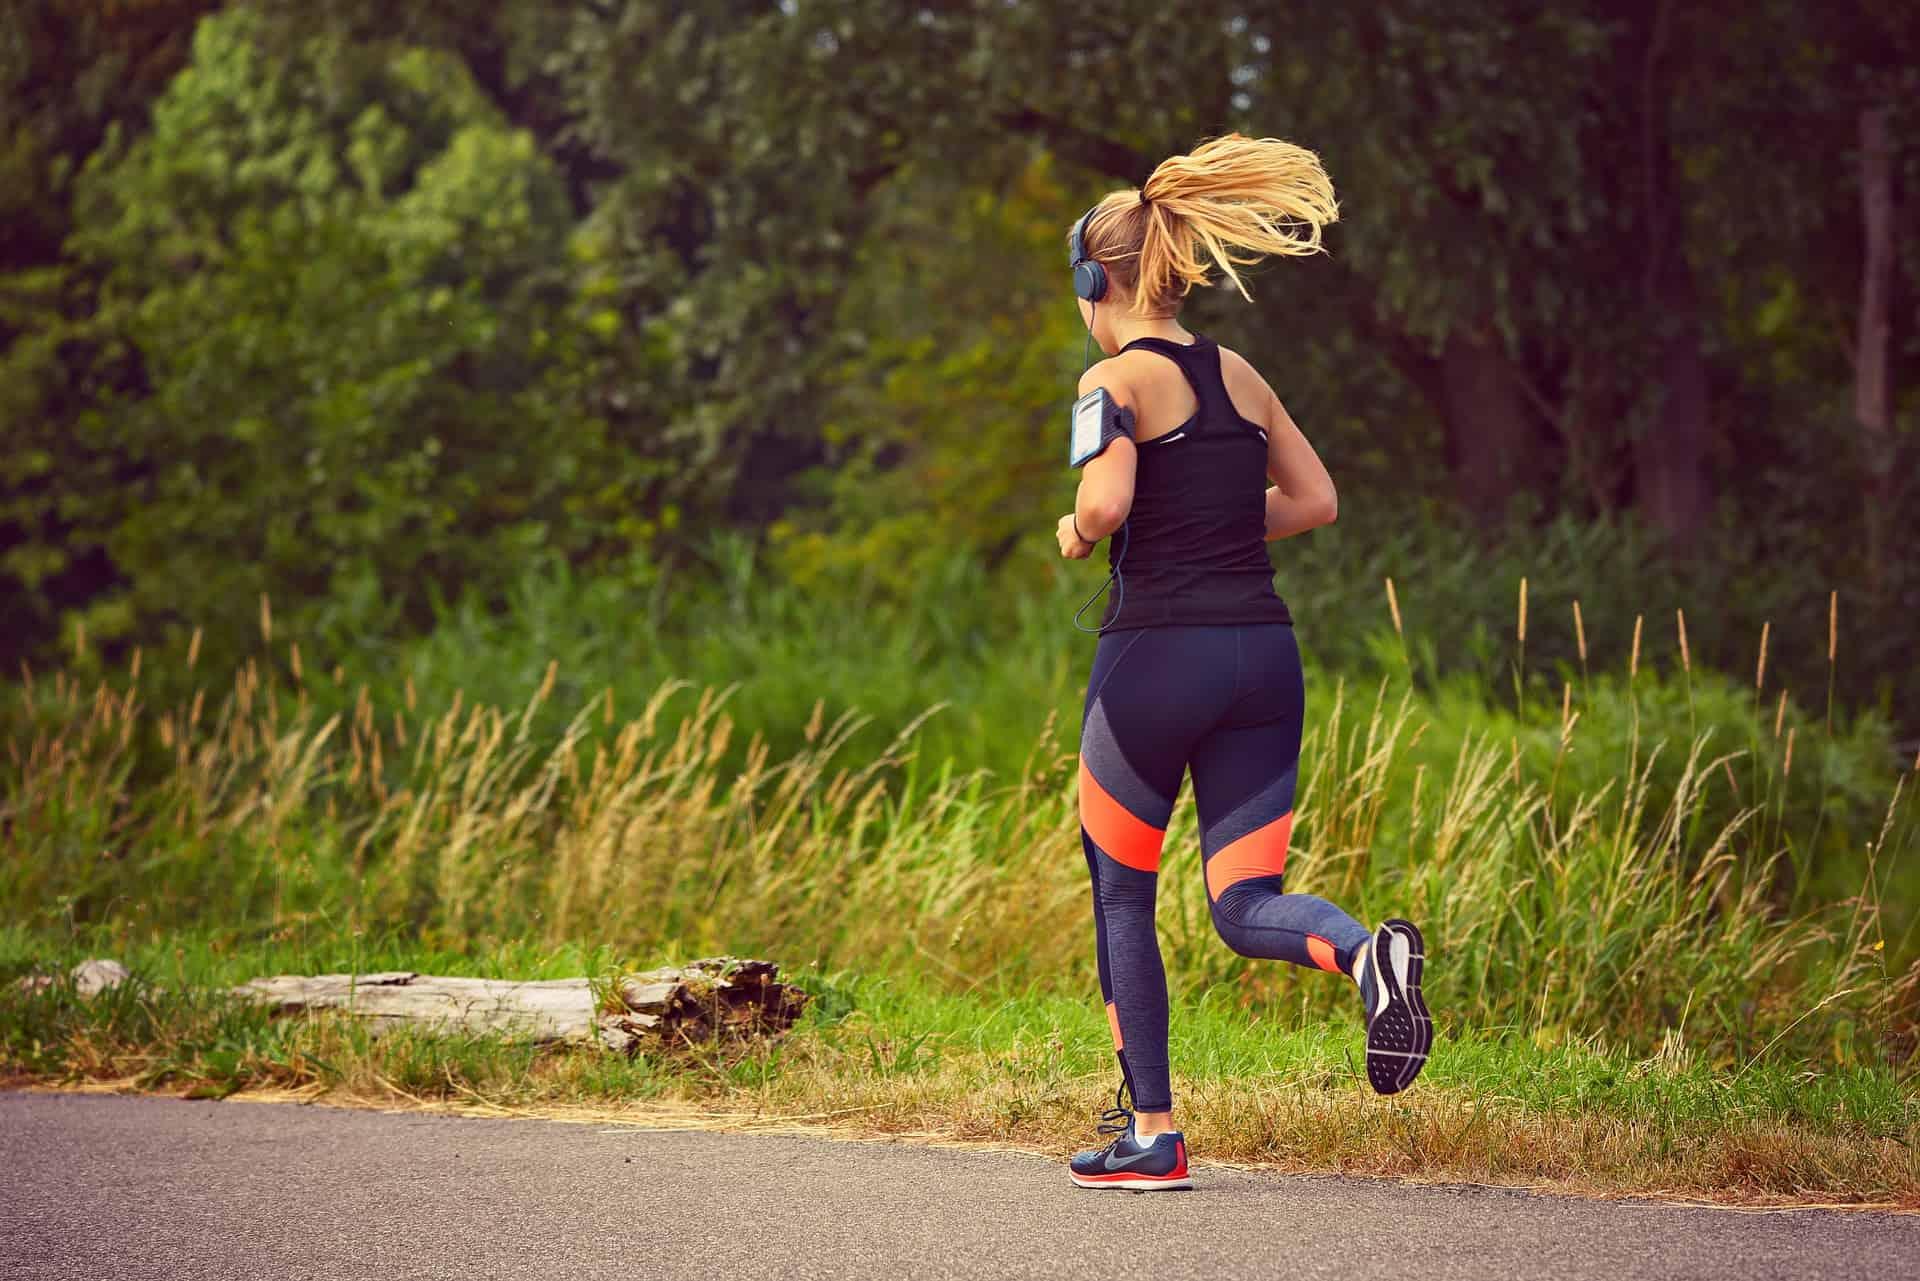 Mulher correndo no parque, com braçadeira para celular no braço e fone de ouvido.